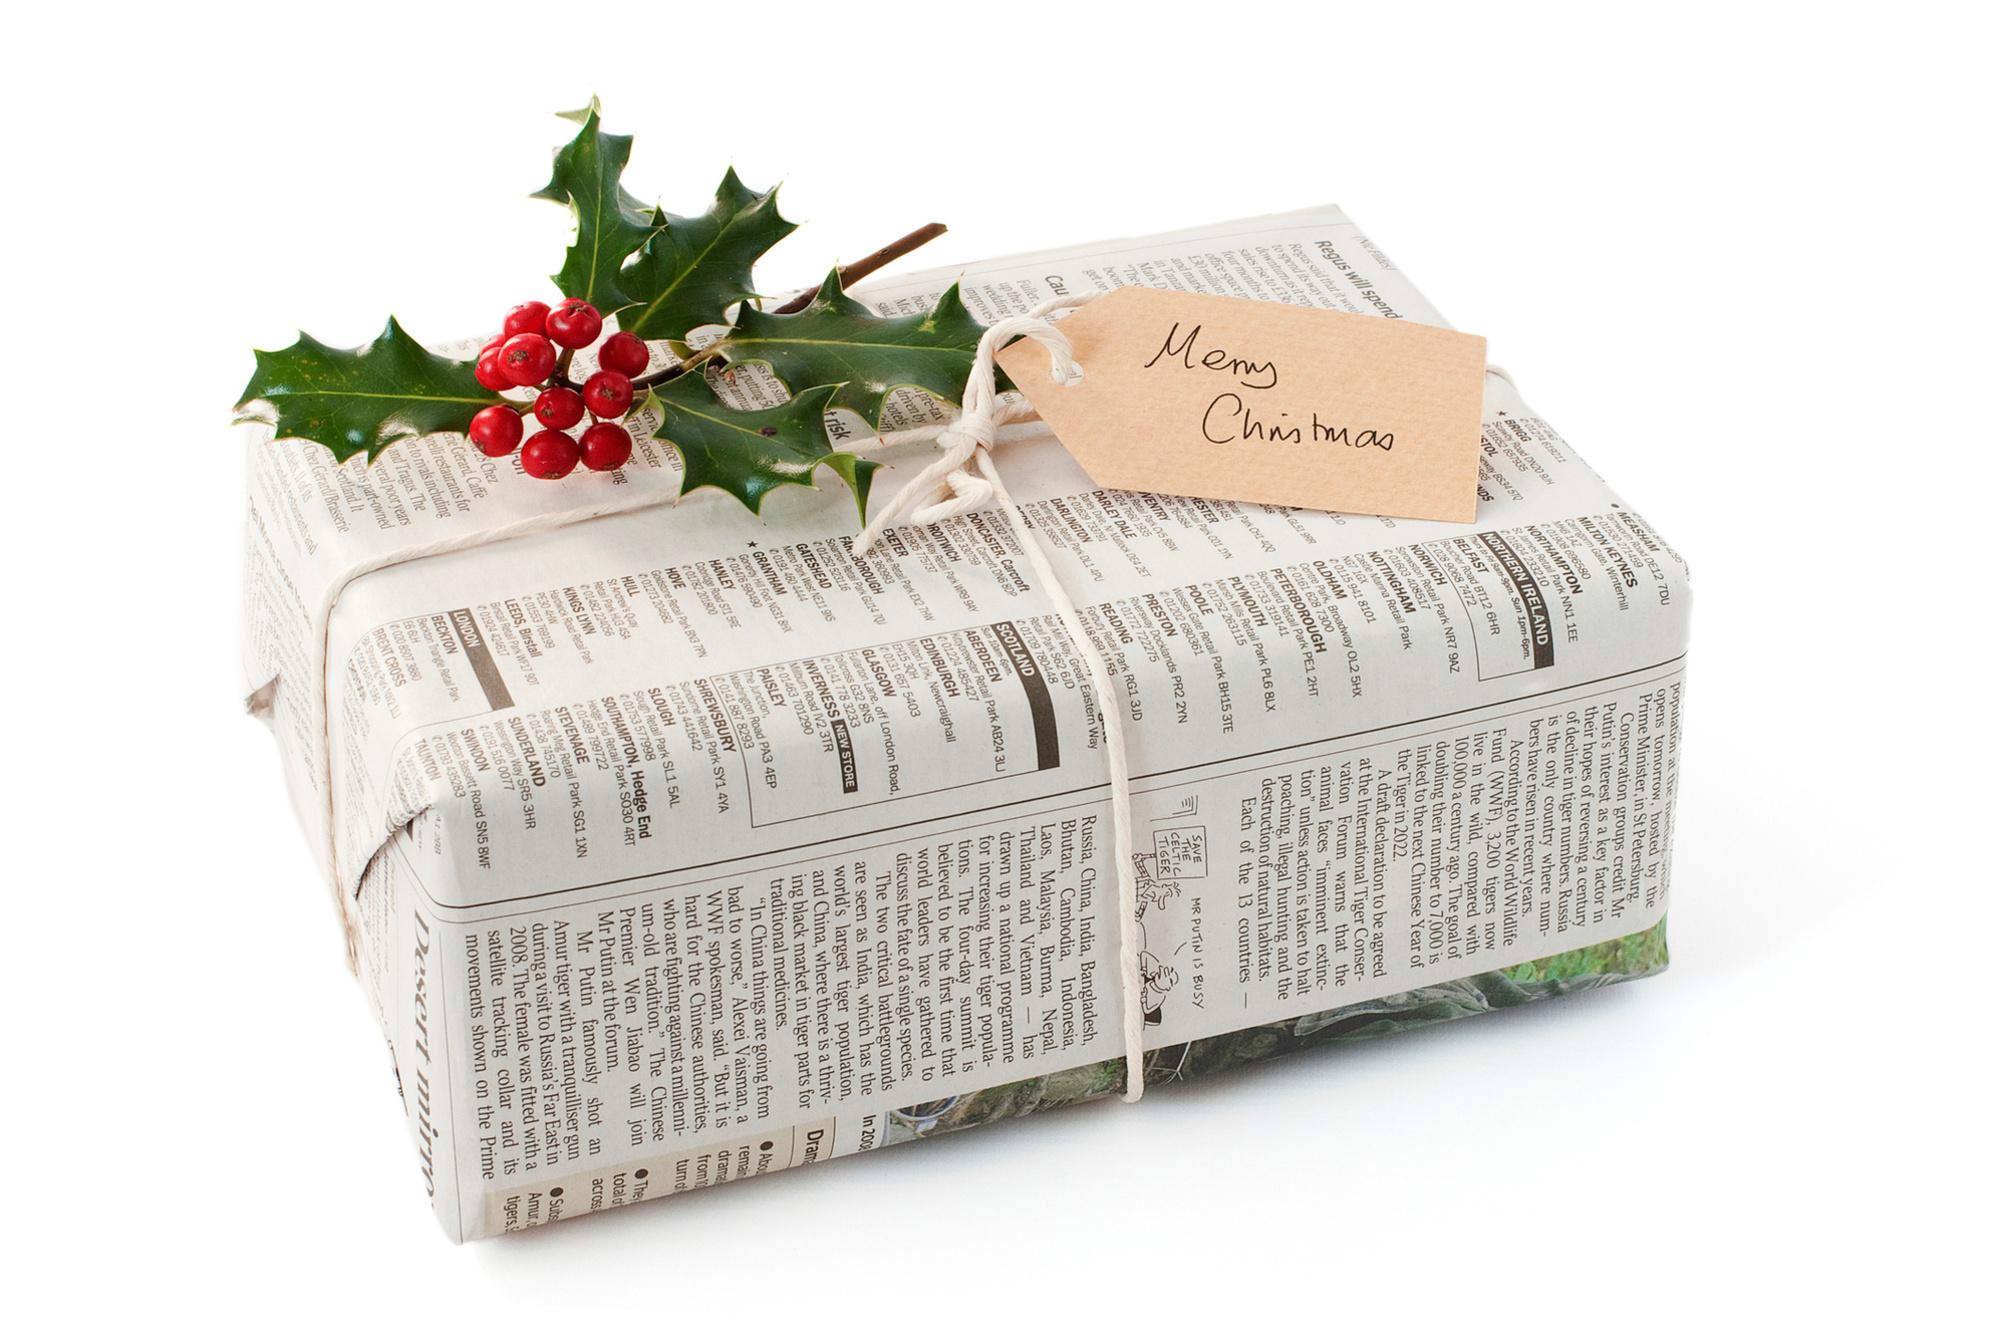 Oude kranten zijn ideaal om pakjes van te maken, Getty